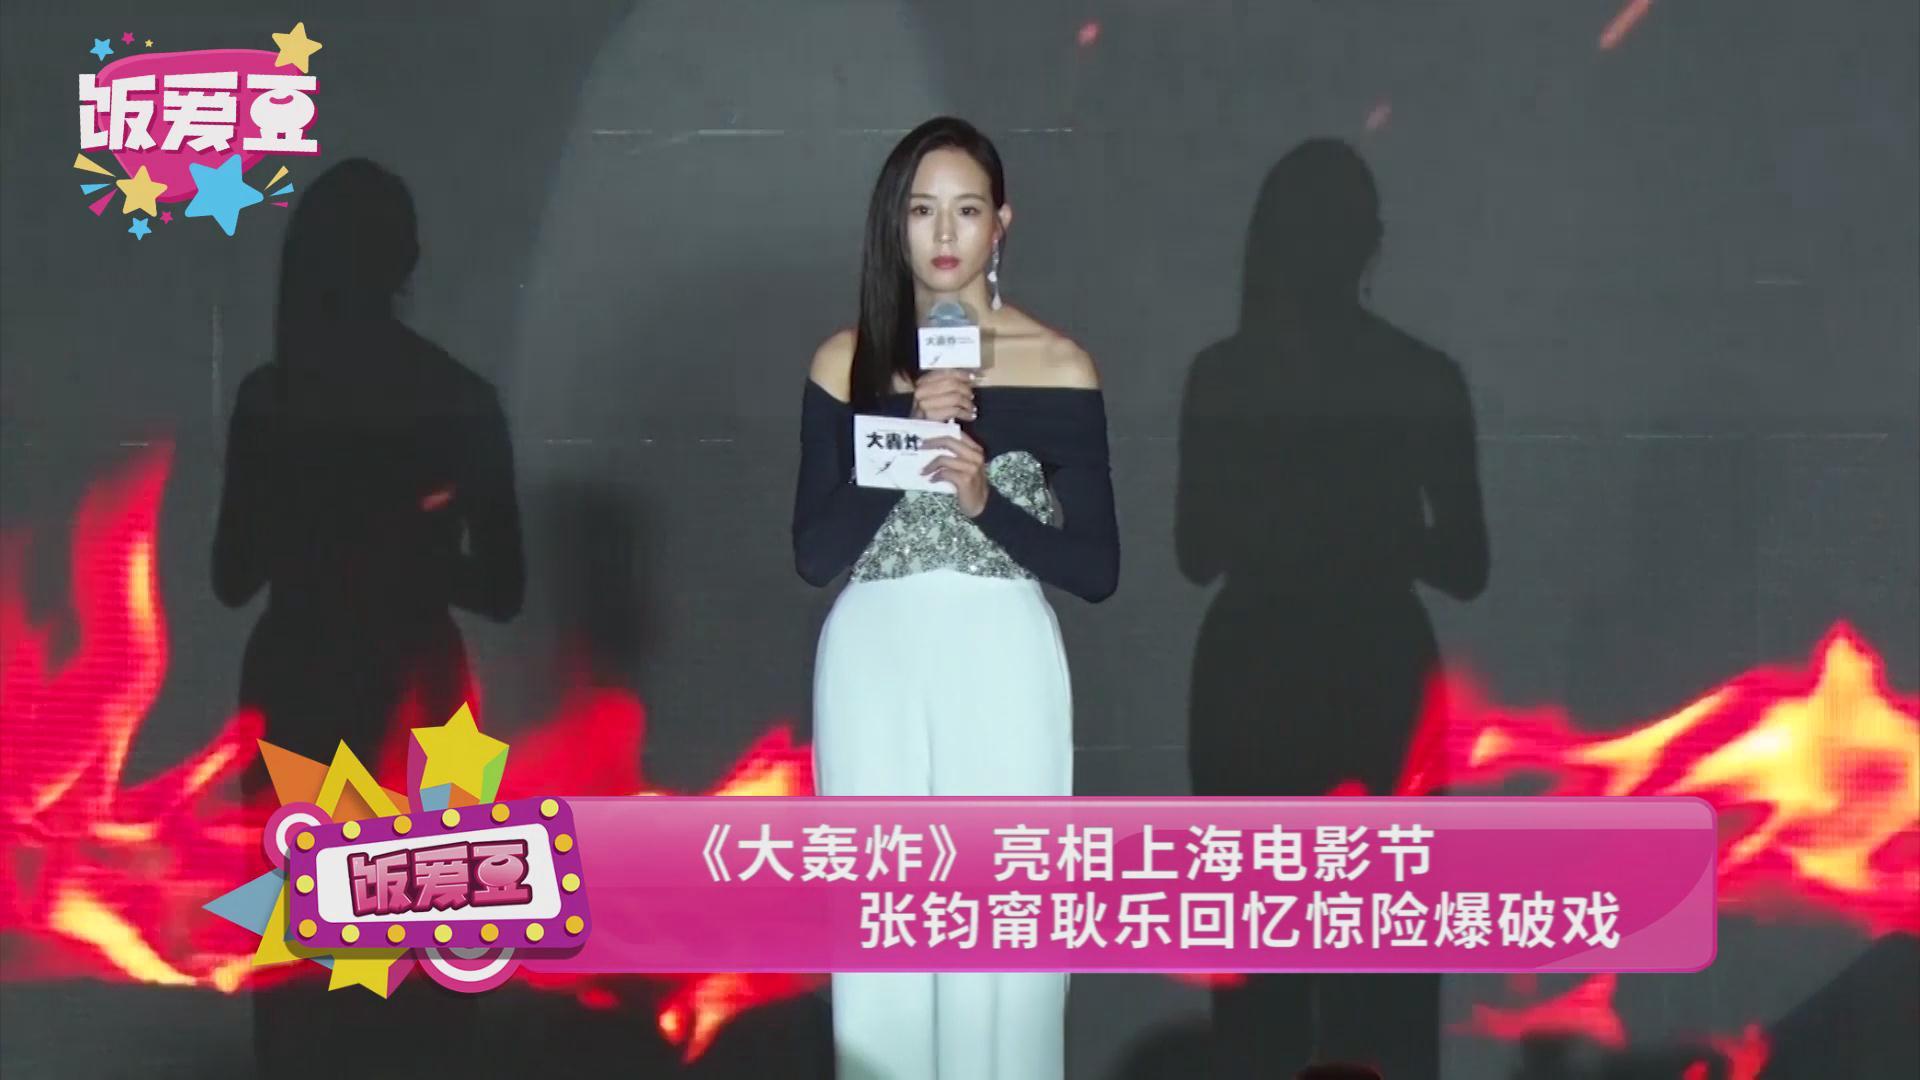 《大轰炸》亮相上海电影节 张钧甯耿乐回忆惊险爆破戏